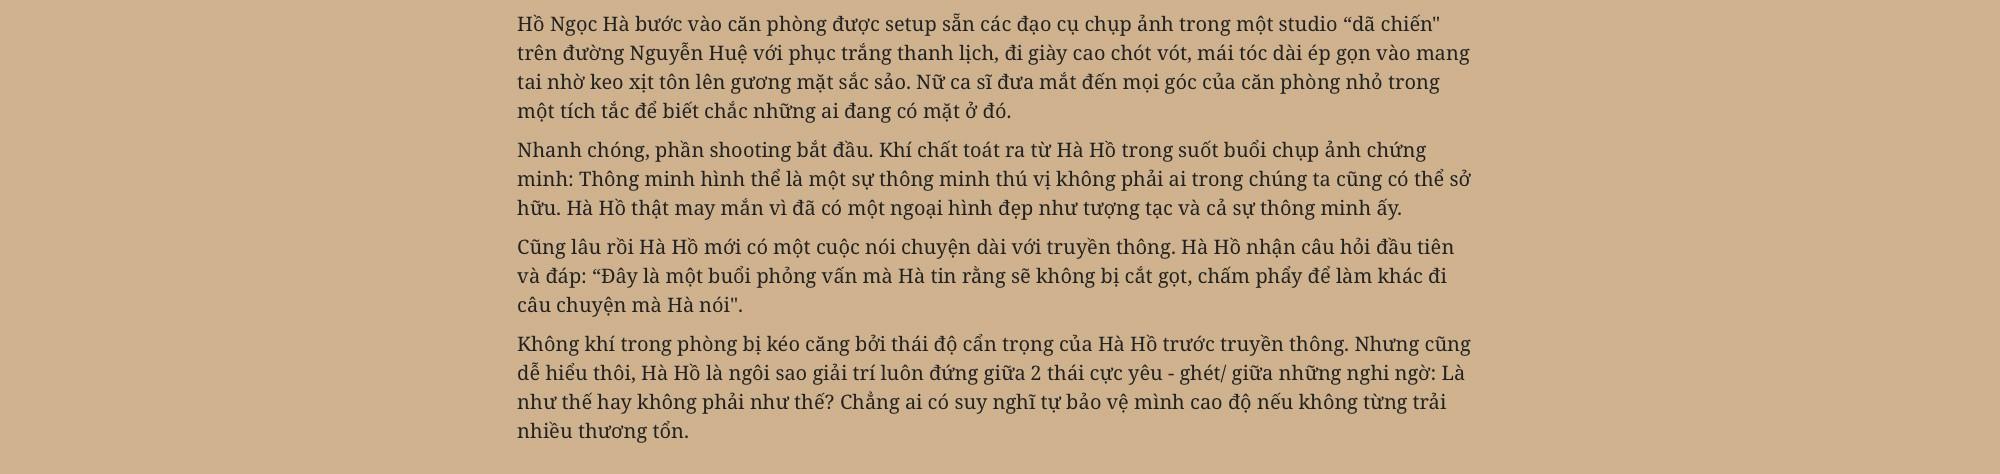 Hồ Ngọc Hà: Không bao giờ làm điều gì để những người phụ nữ khác phải đau lòng giống như lời đồn-2